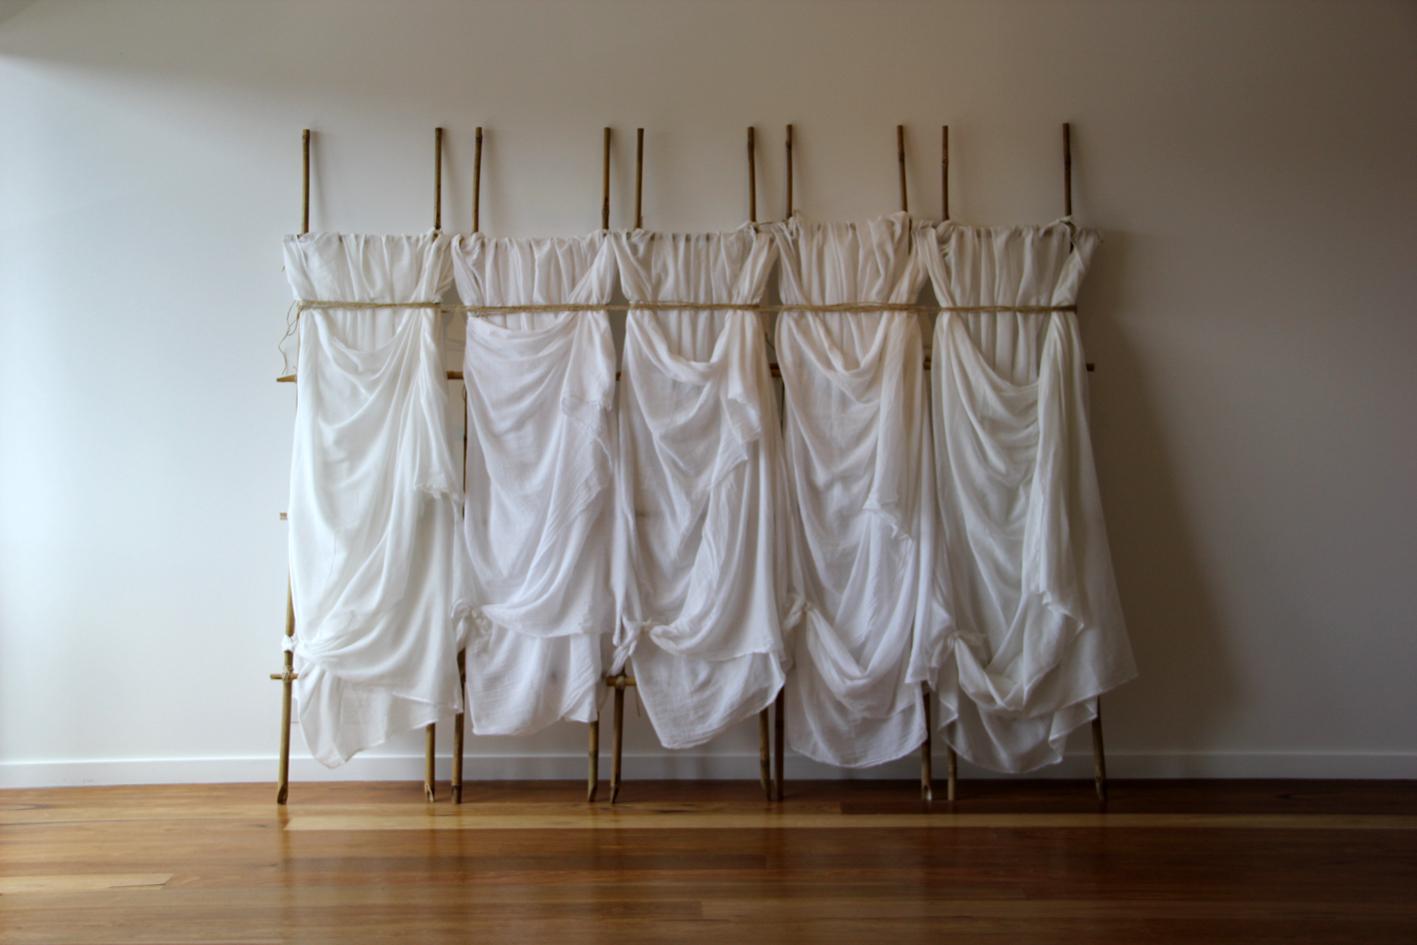 Elizabeth Wallace, 'Together Alone', 2016 <br> muslin, bamboo, twine, 180 cm x 230 cm